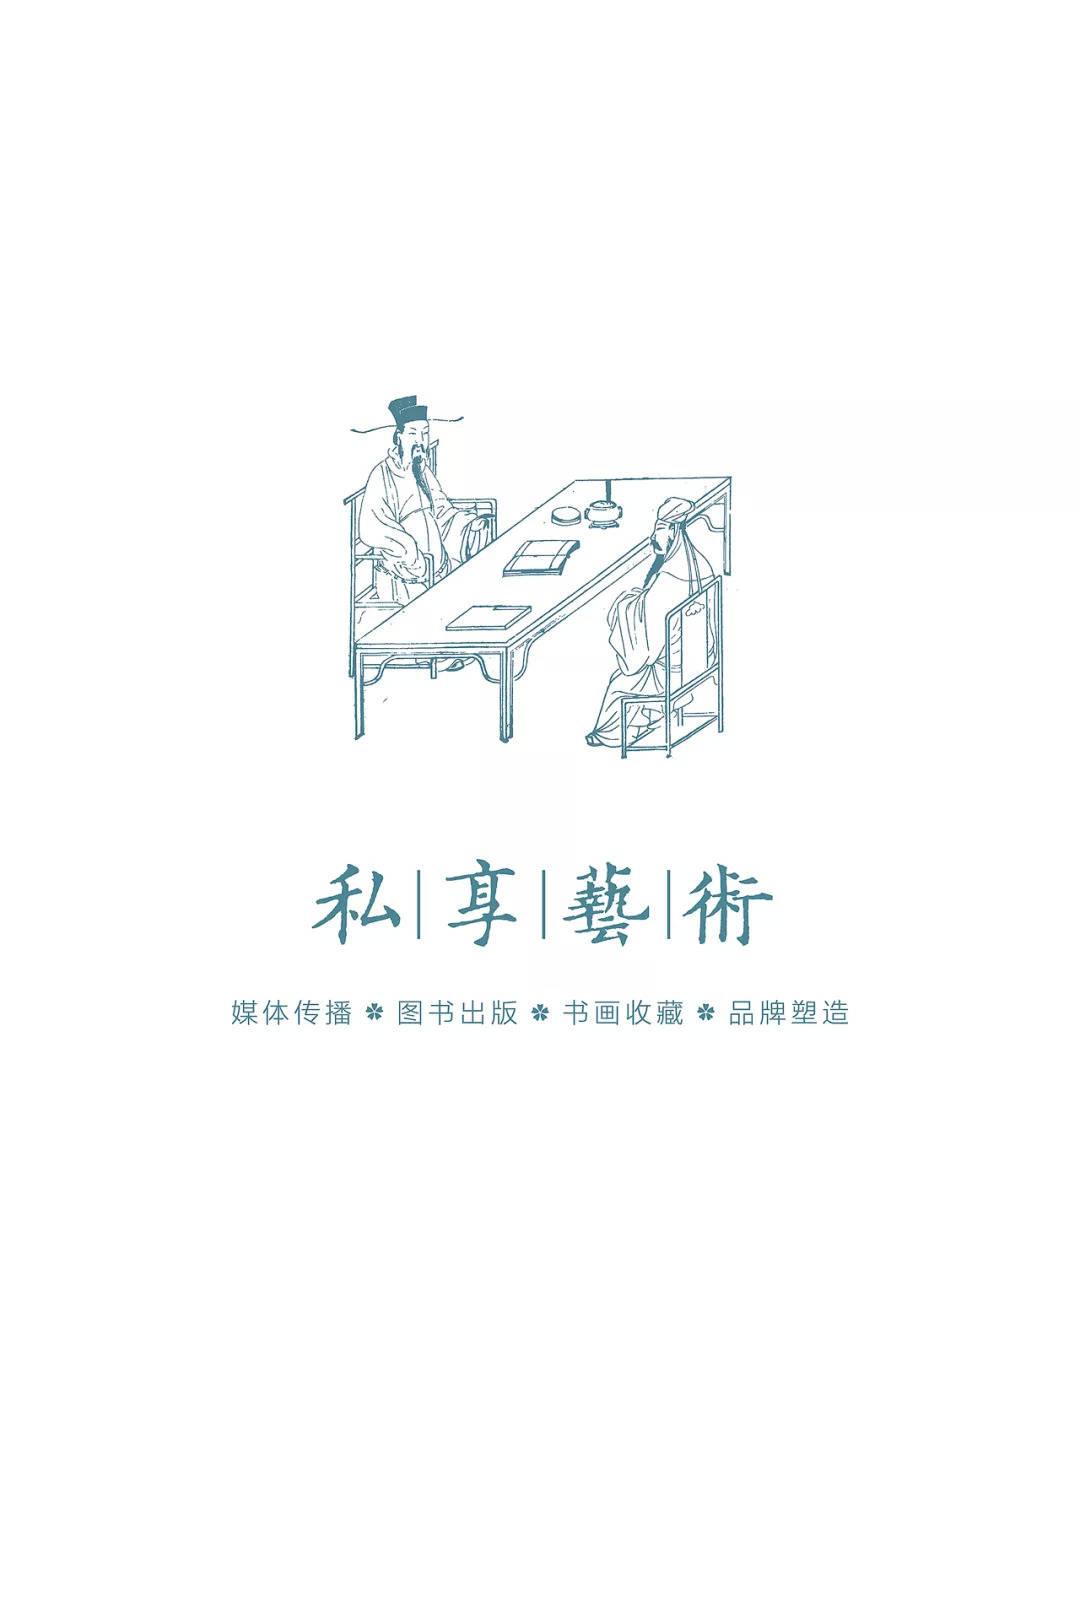 私享艺术丨石守谦:中国文人画究竟是什么?